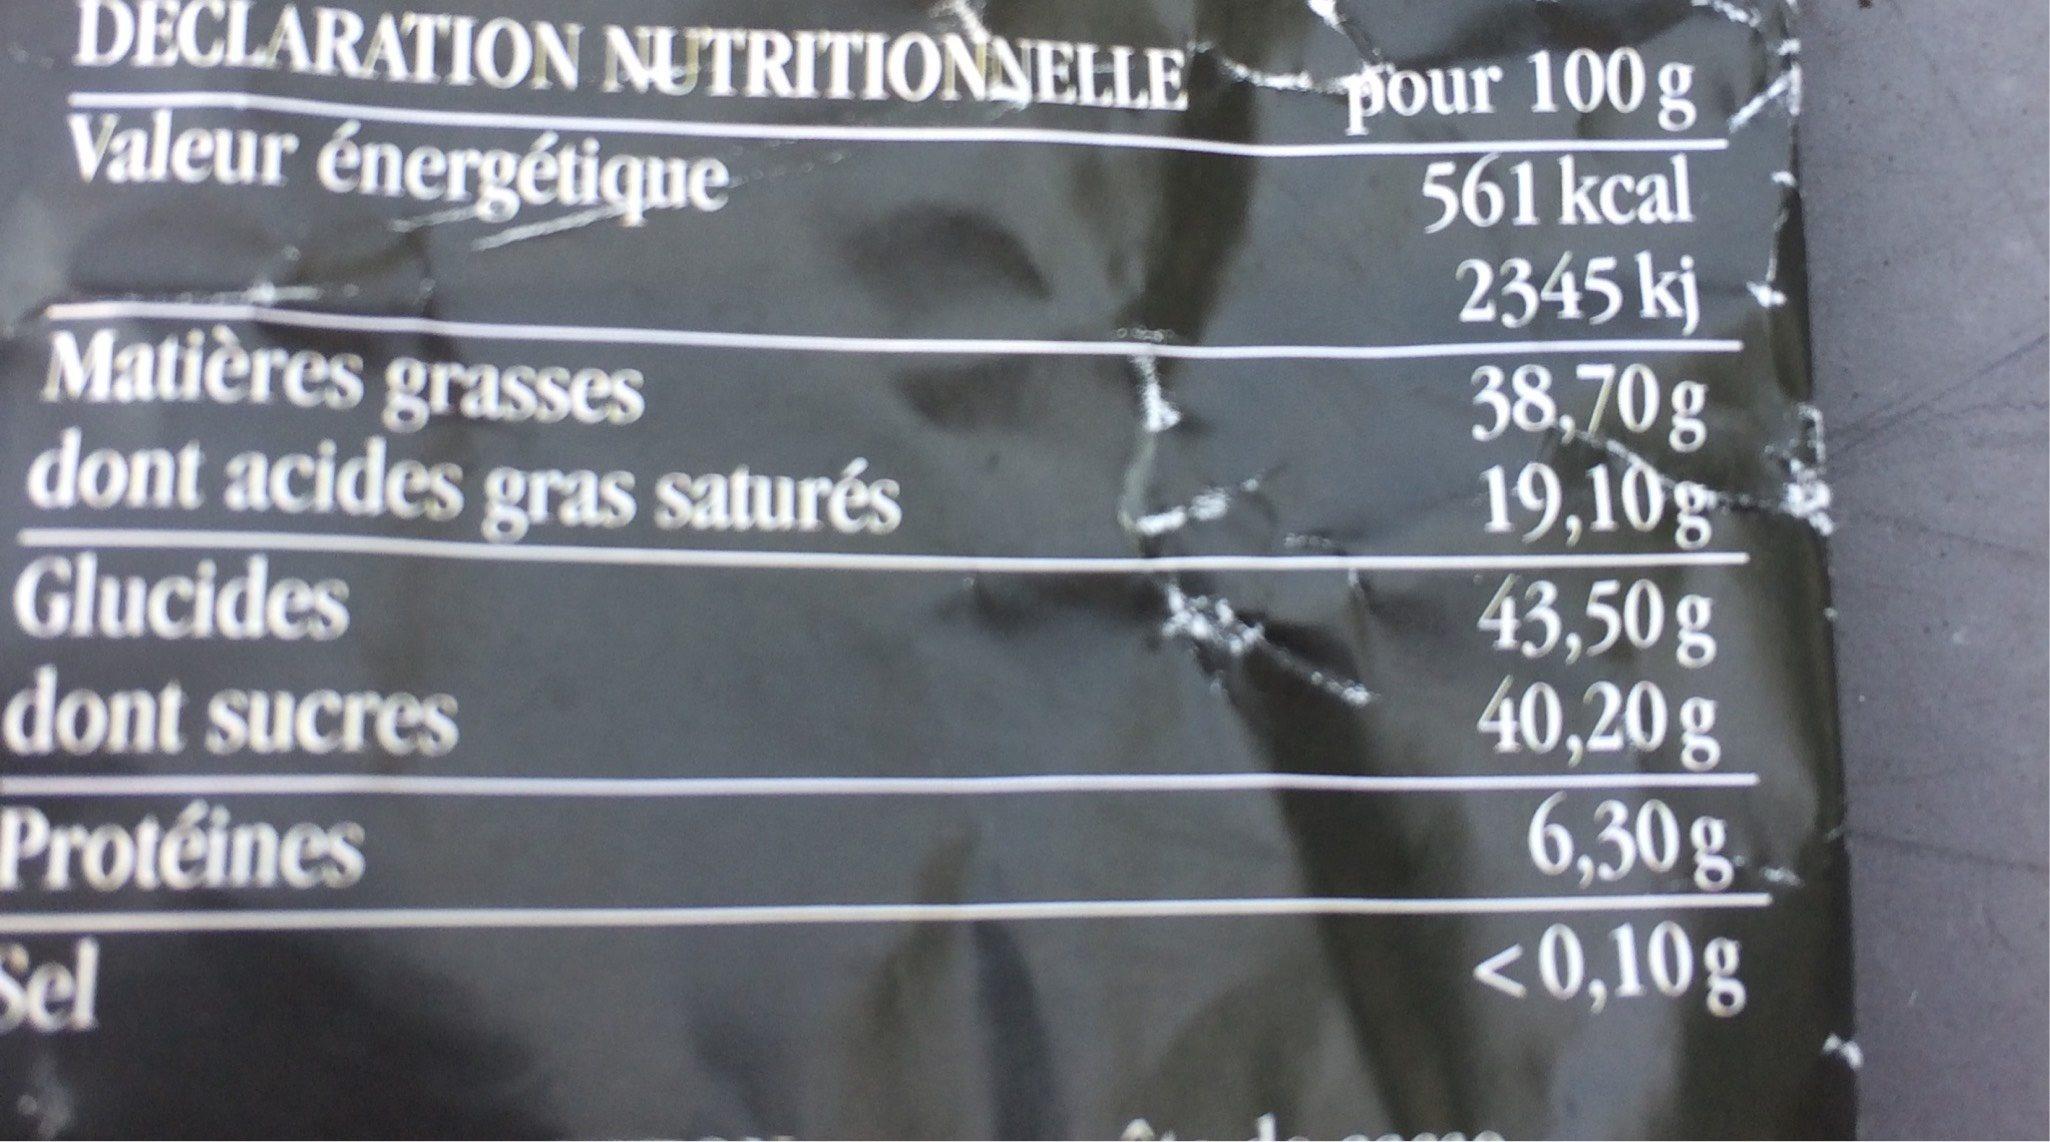 Chocolat Eclats de Noisettes - Informations nutritionnelles